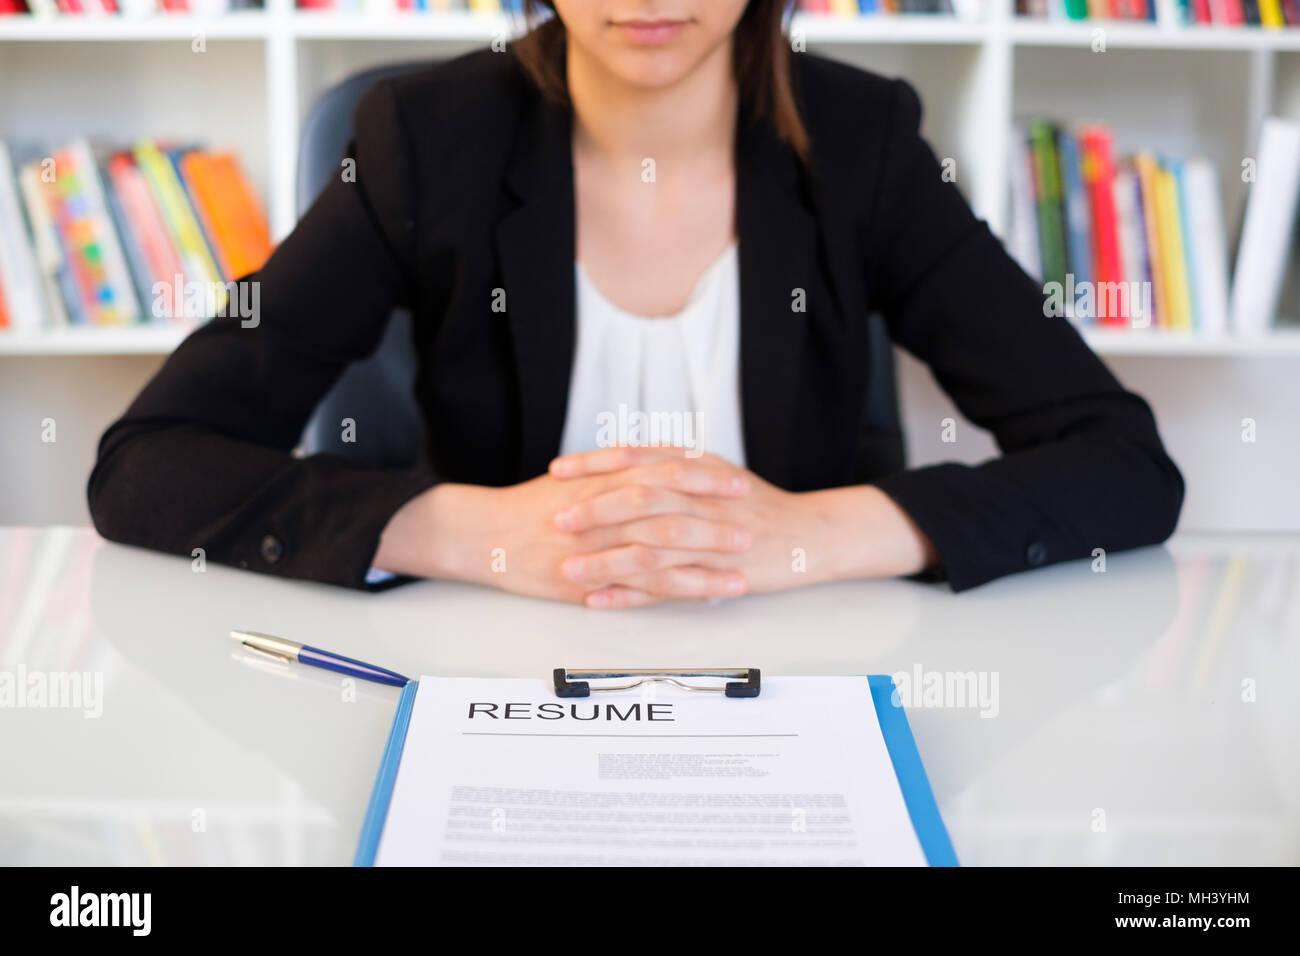 Jeune femme montrant son cv cv et à la recherche d'un emploi Photo Stock